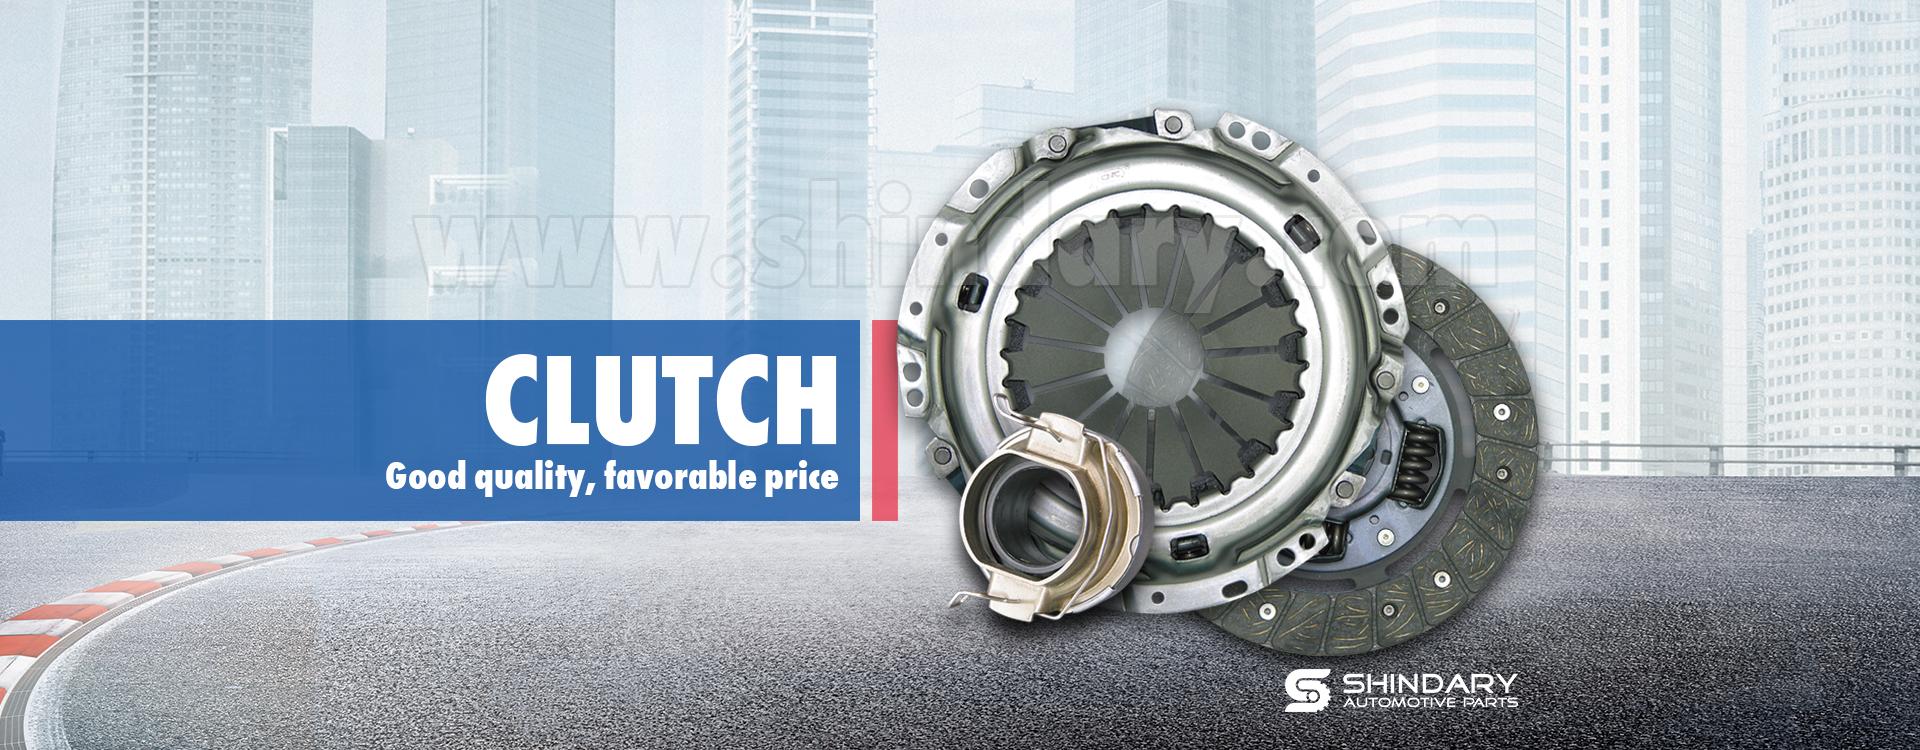 clutch automotive parts